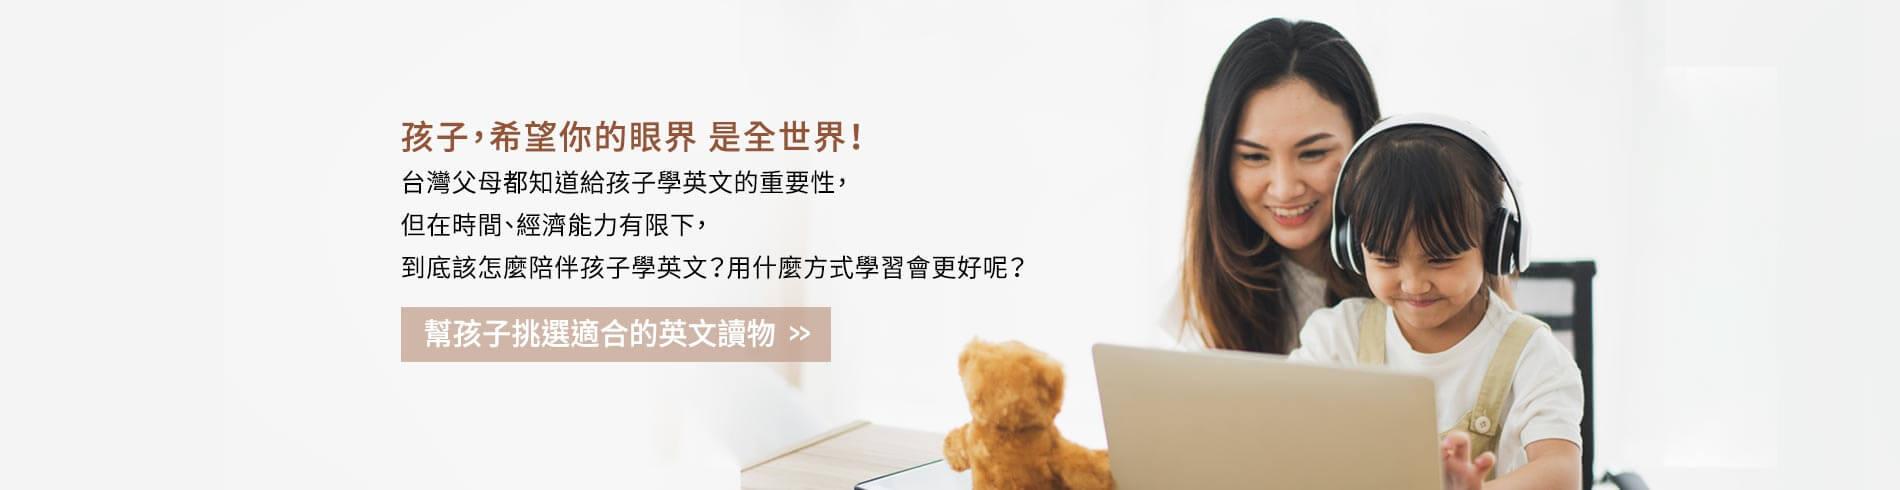 該怎麼陪伴孩子學英文?用什麼方式學習會更好呢?! 一起來挑選最適合孩子的英文讀物!!